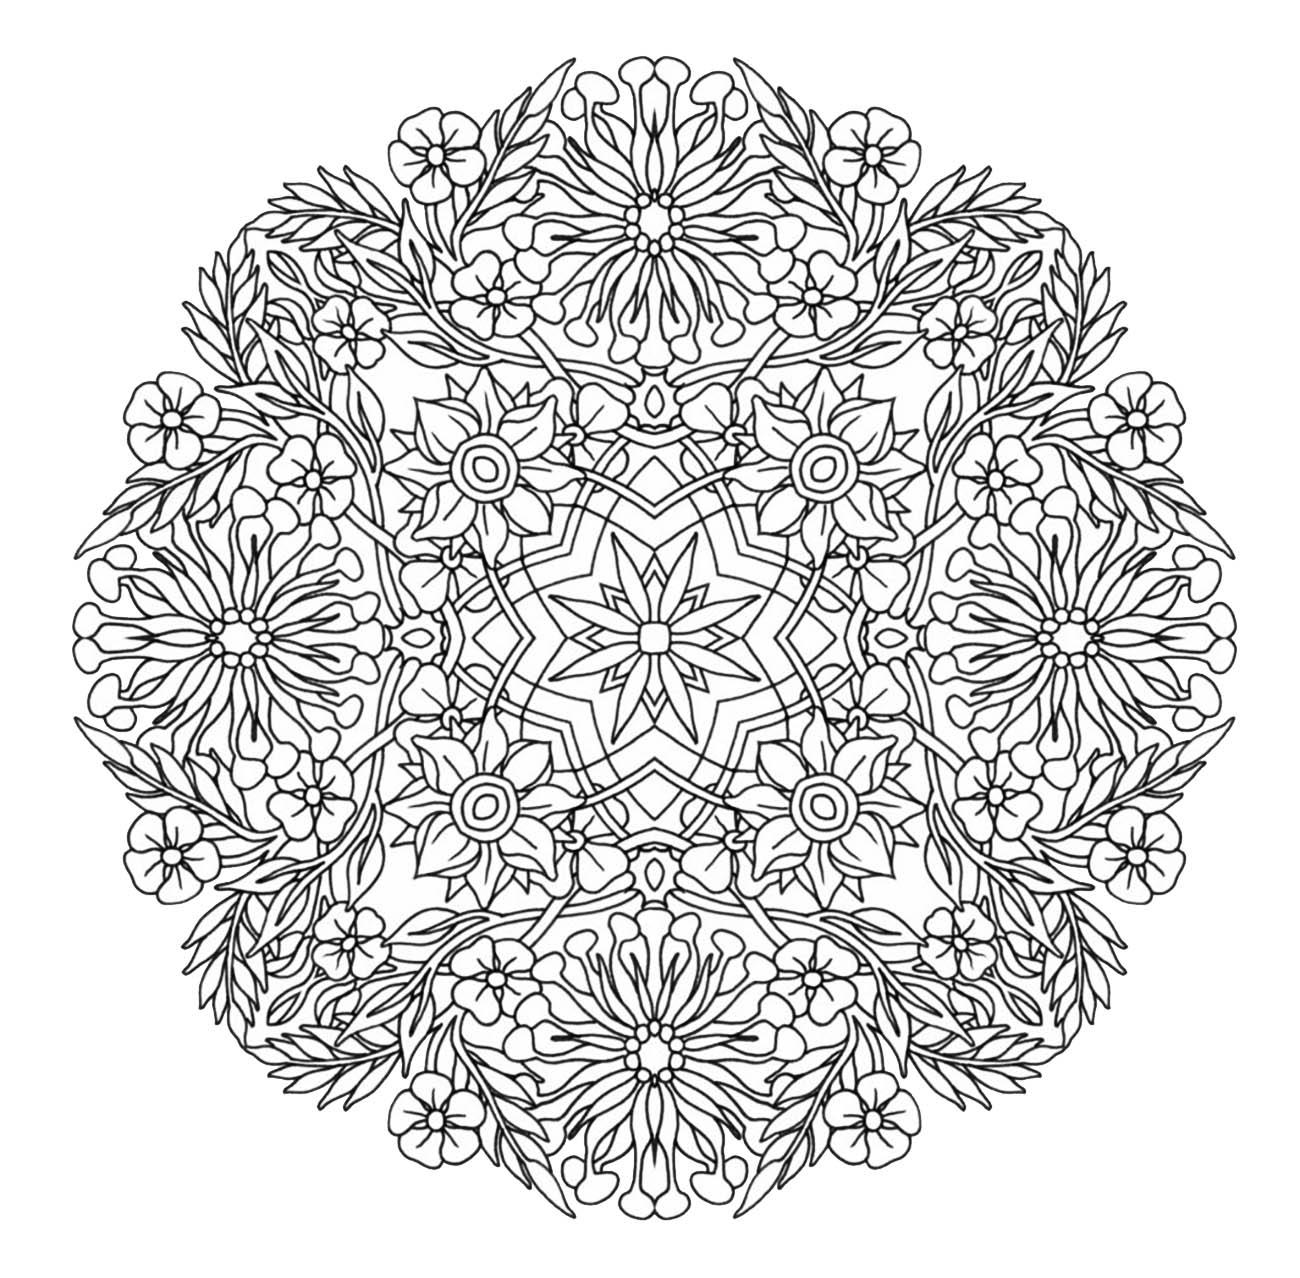 Mandala a colorier gratuit fleurs aux grands petales mandalas difficiles pour adultes 100 - Grand mandala ...